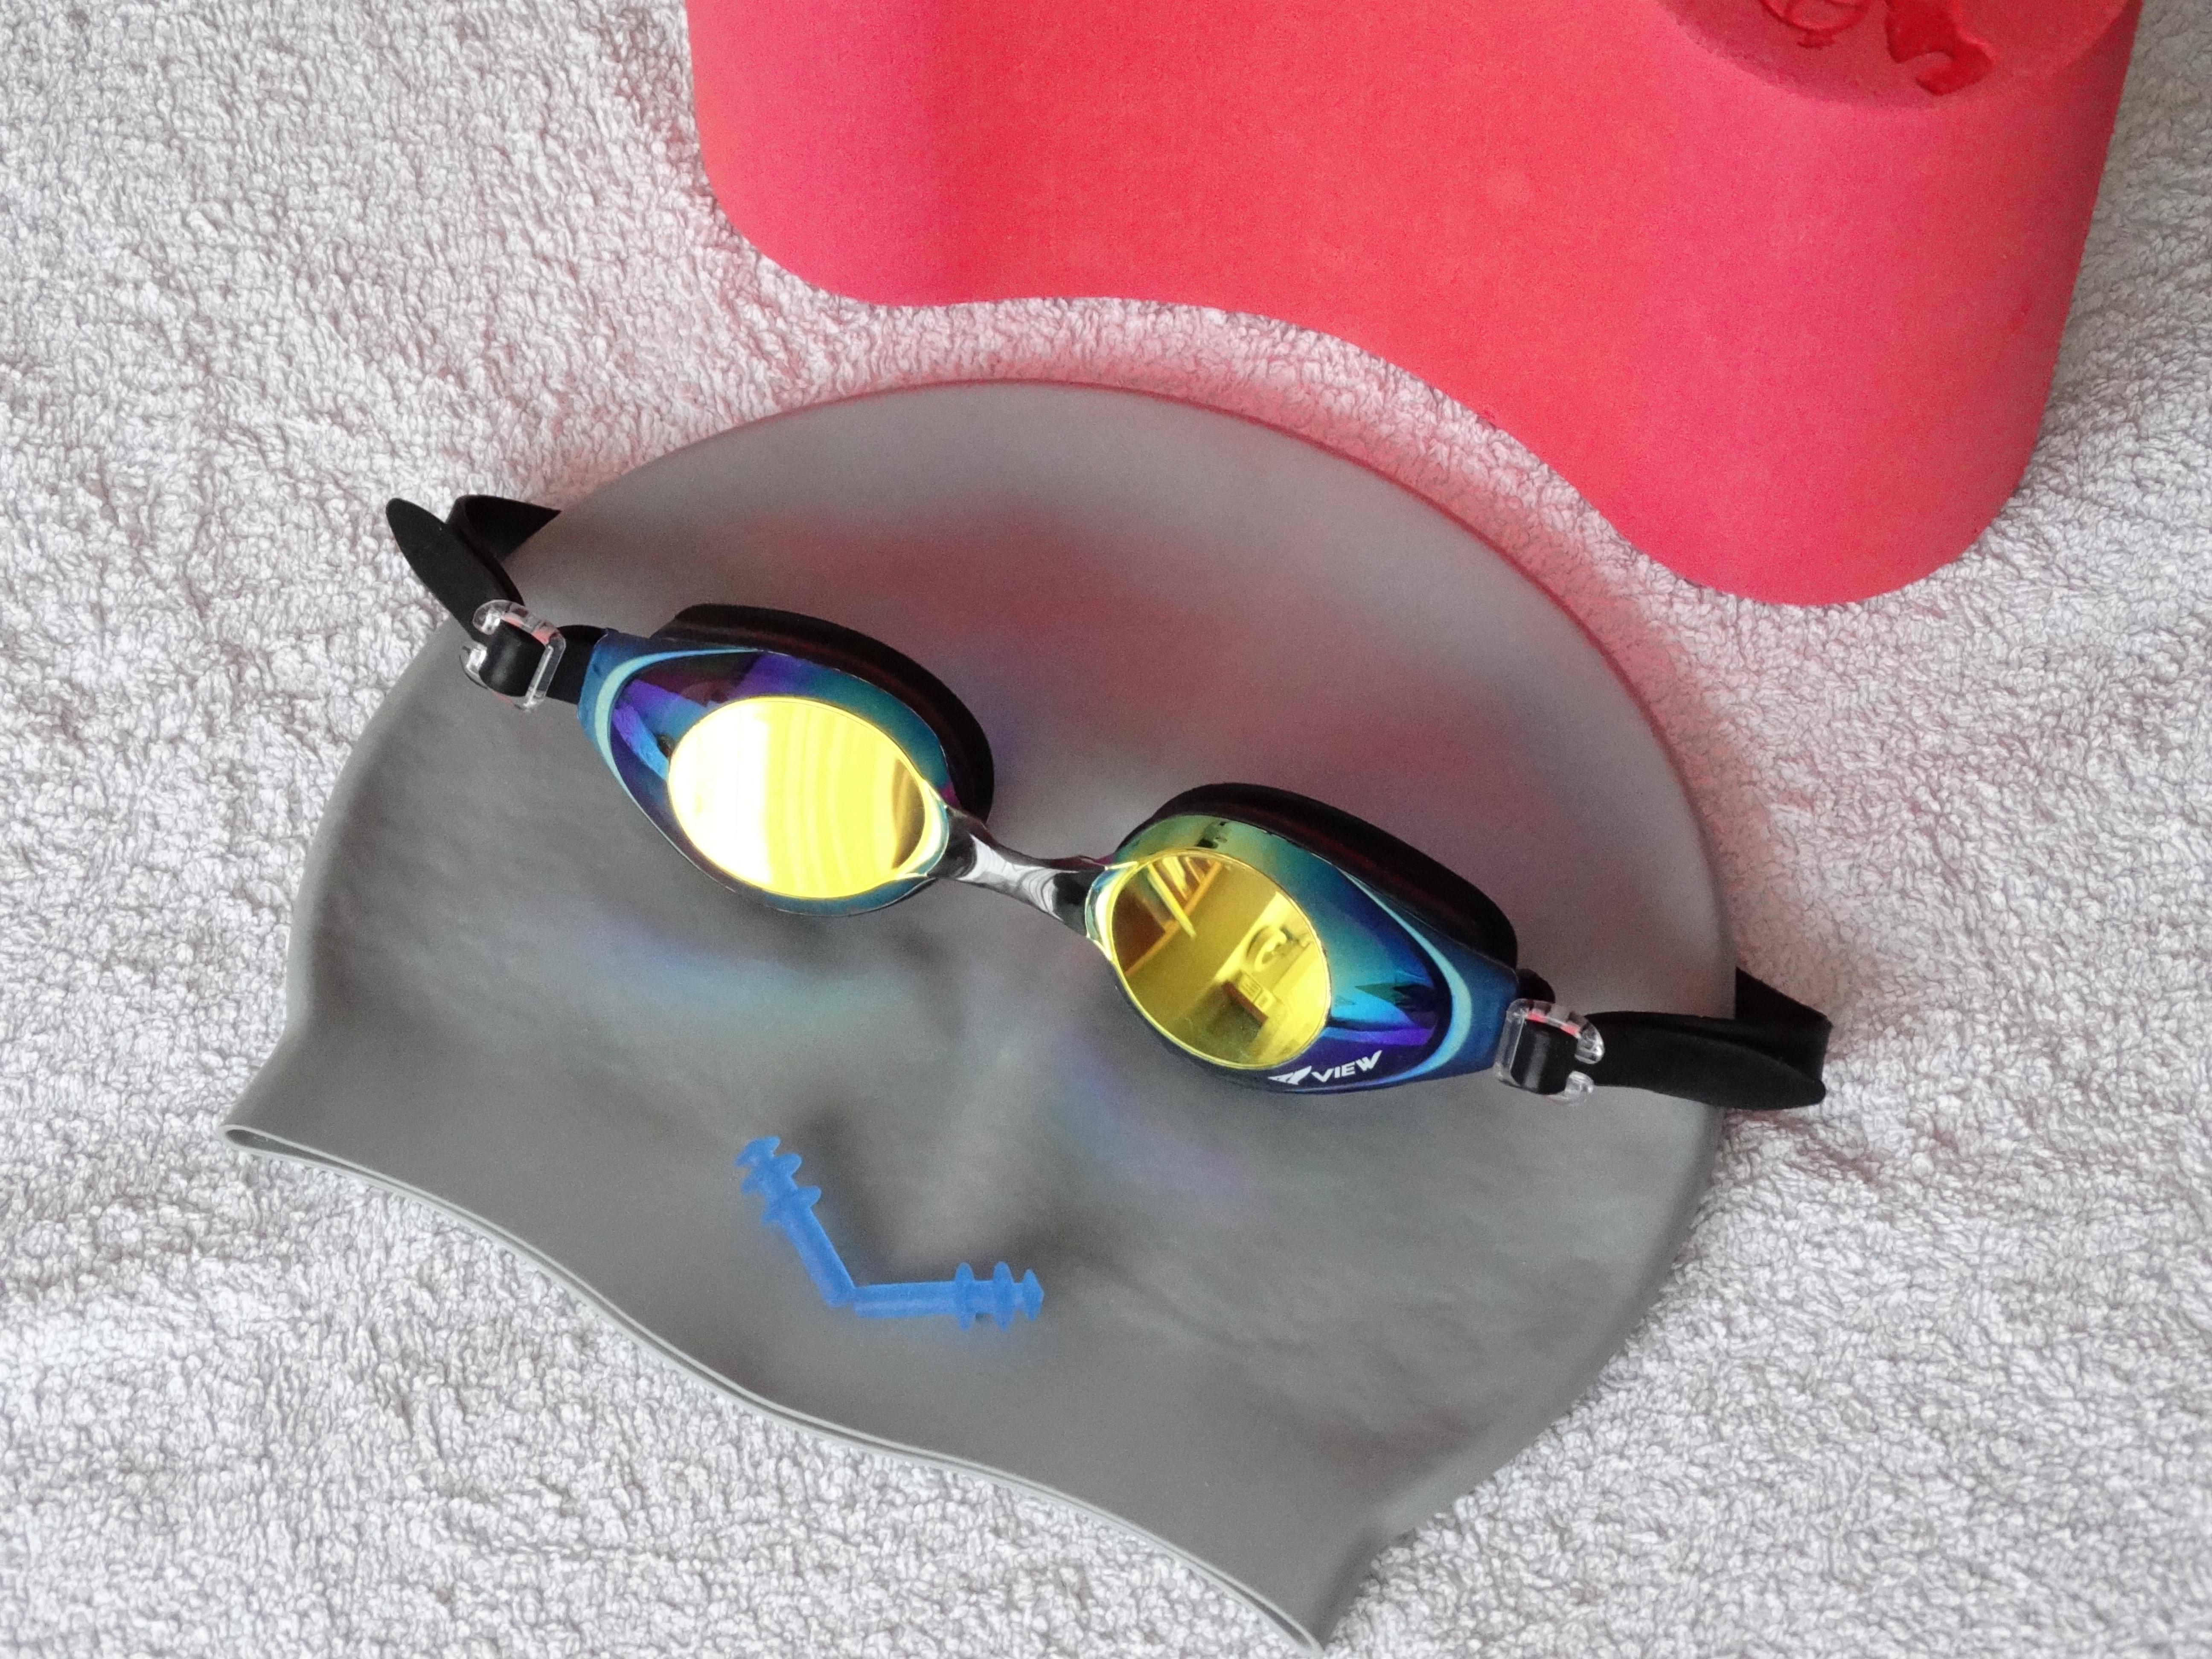 Free Images : clothing, nose, sunglasses, glasses, eyewear ...